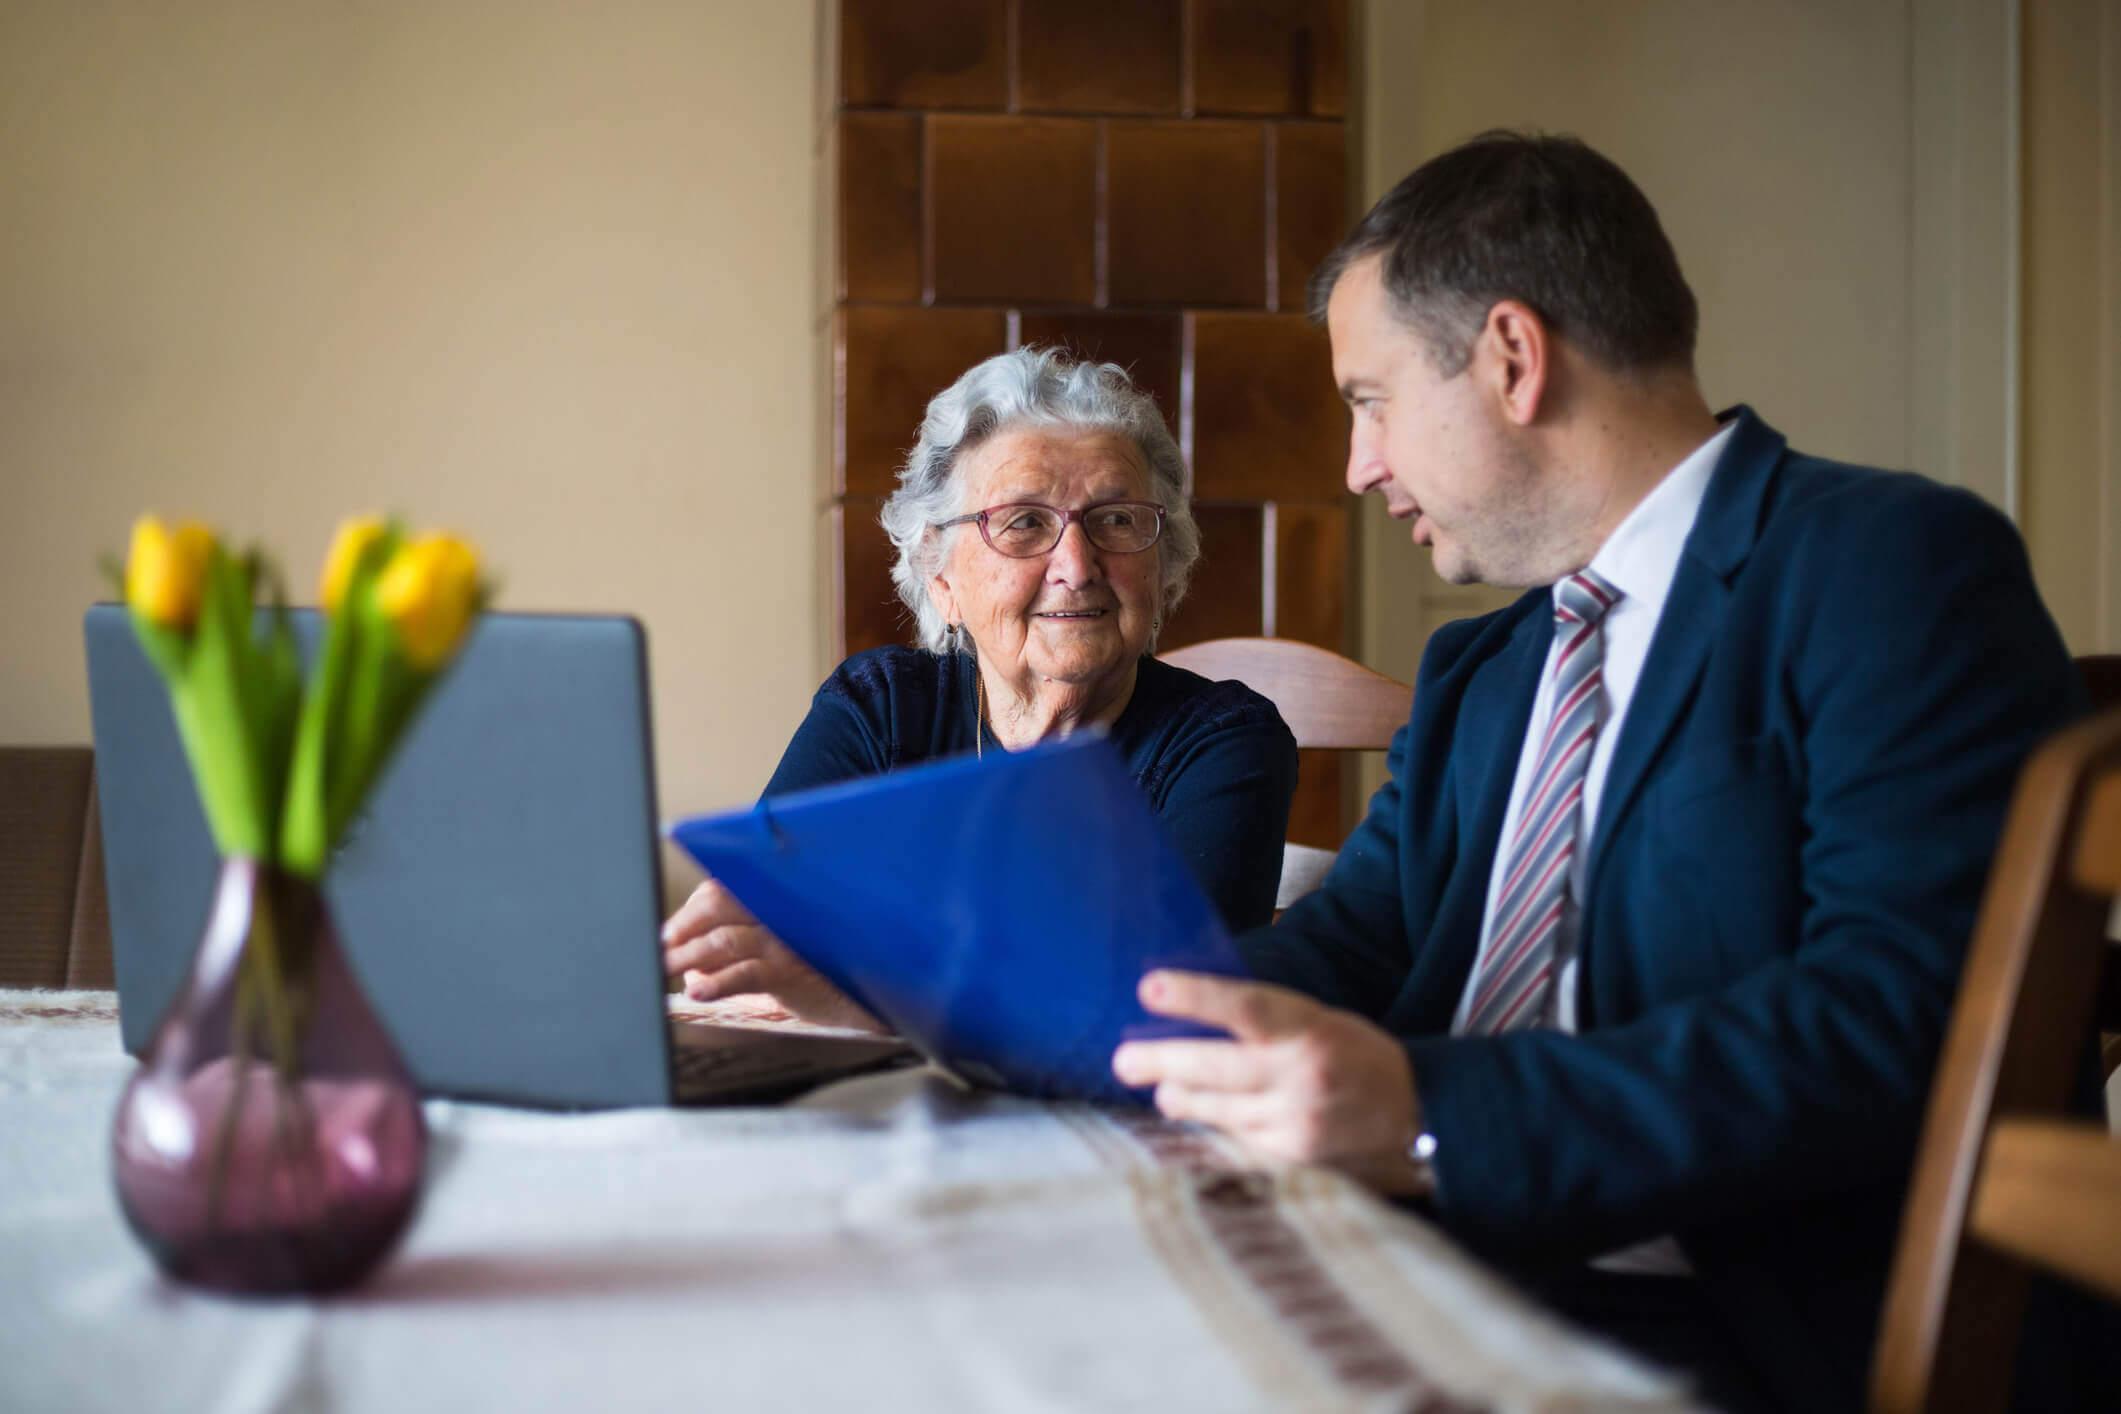 Homem fala sobre documentos com mulher idosa | Idade máxima para financiar um imóvel | Guia da Tenda | Blog da Tenda